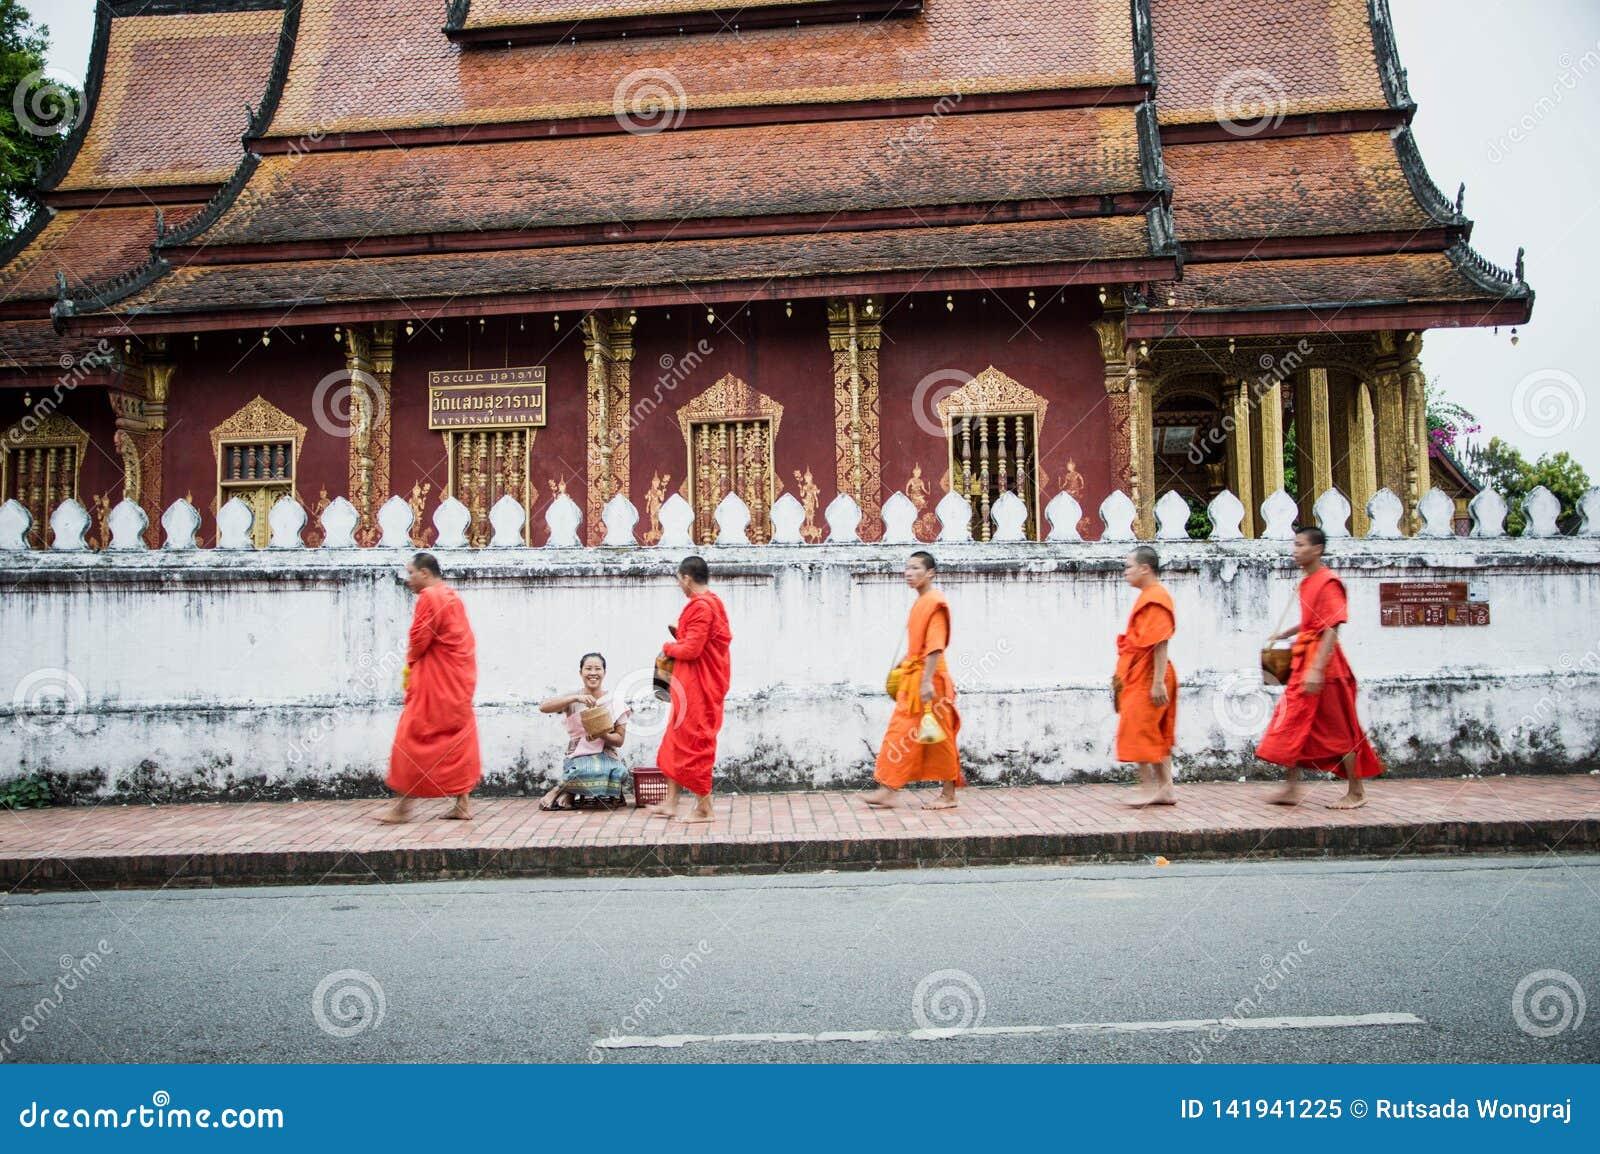 Morning alms offering at Luang Prabang, Laos